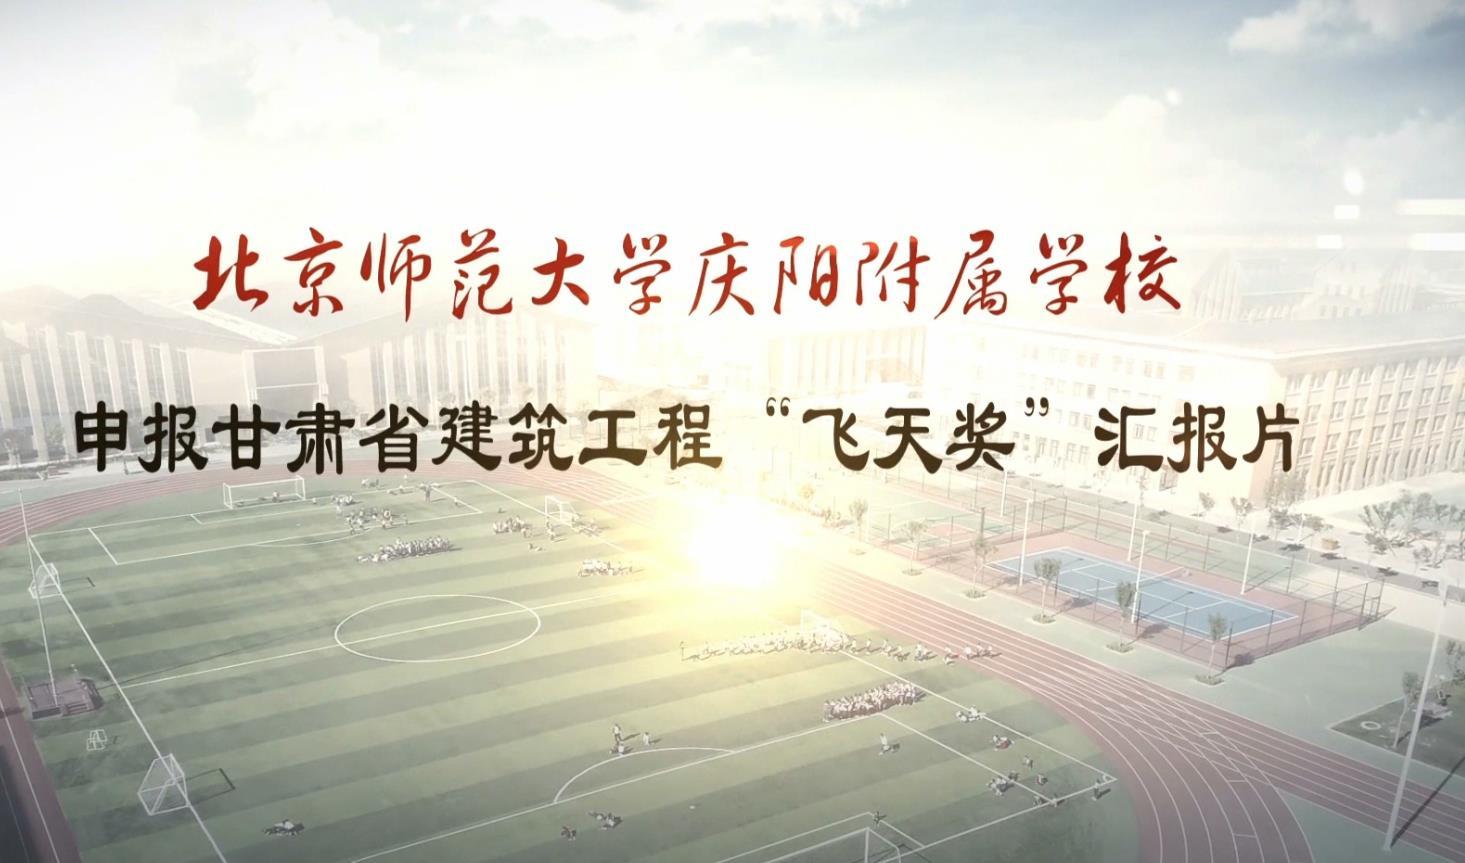 八冶建设集团-北京师范庆阳附属学校飞天奖